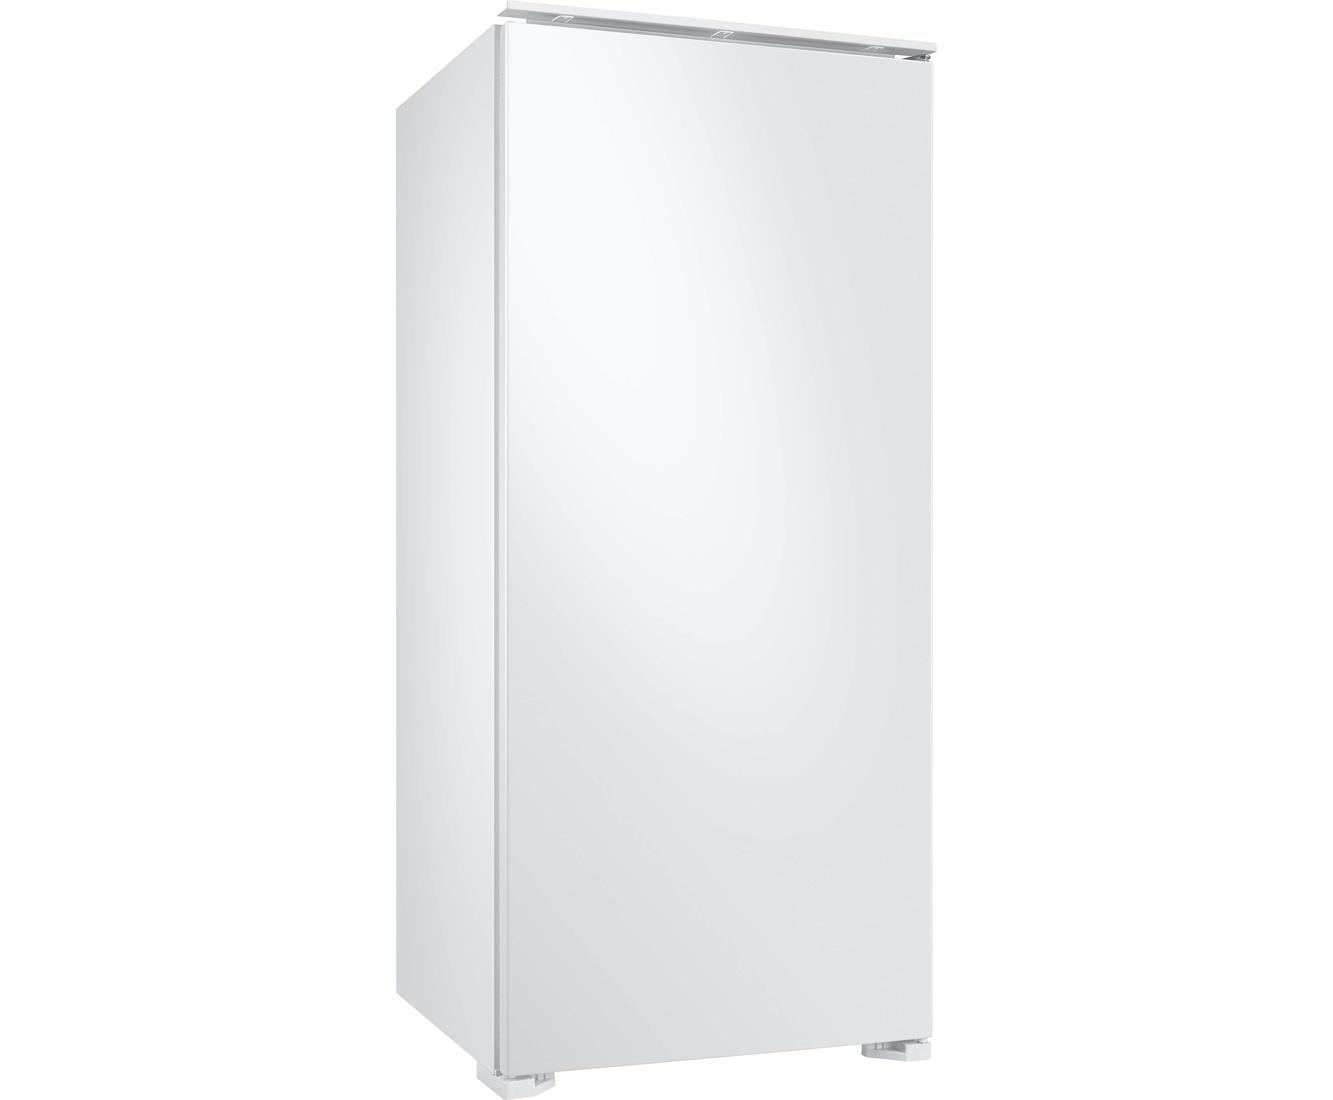 Samsung BRR19M011WW/EG Einbau-Kühlschrank mit Gefrierfach - 122er ...